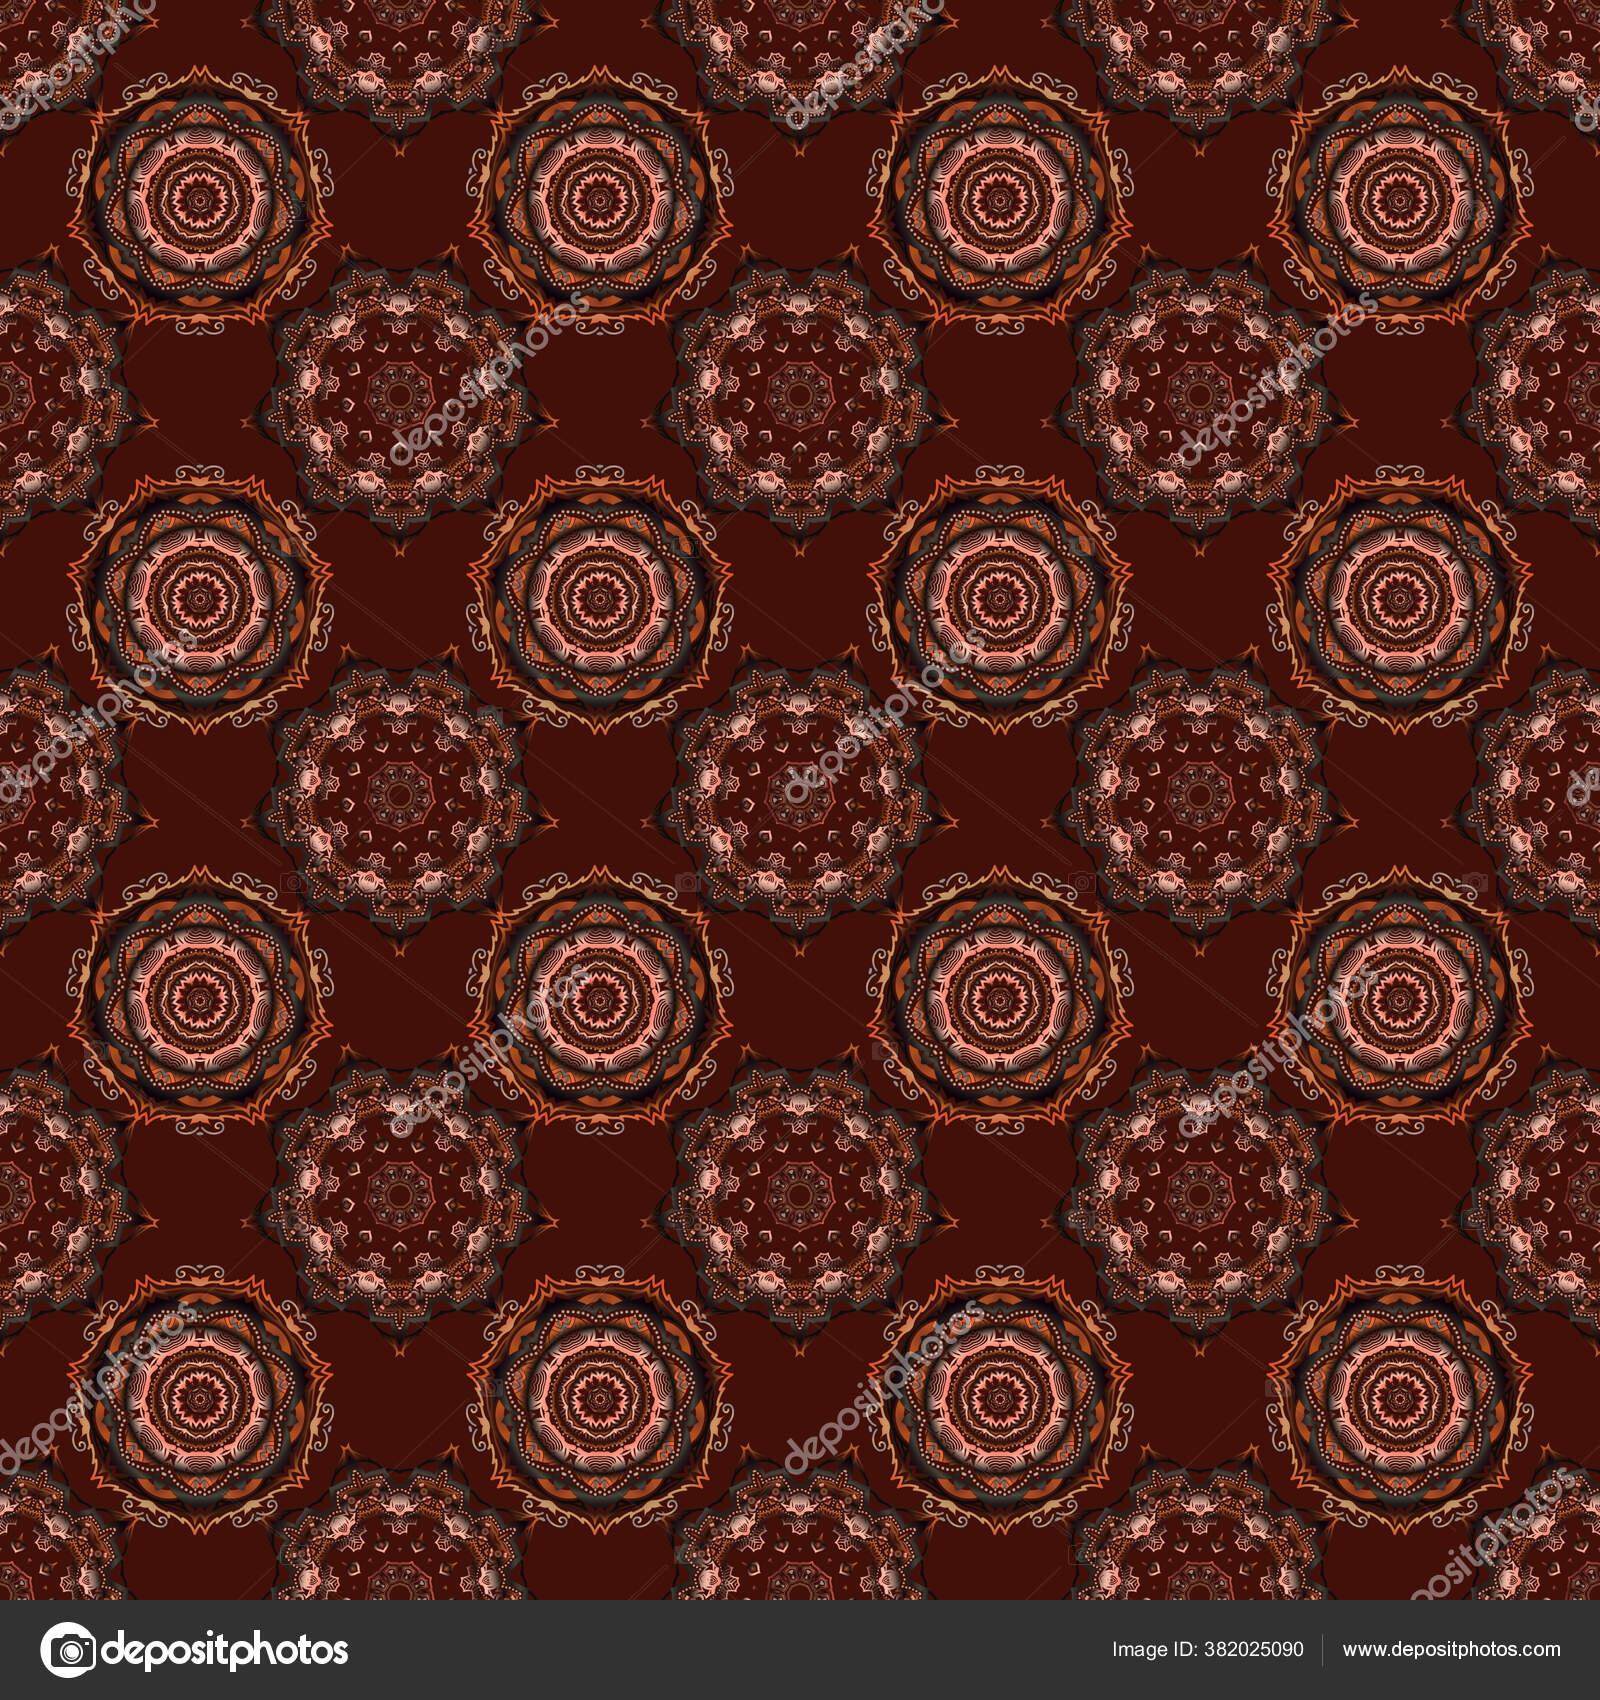 depositphotos 382025090 stock illustration seamless image elements black orange